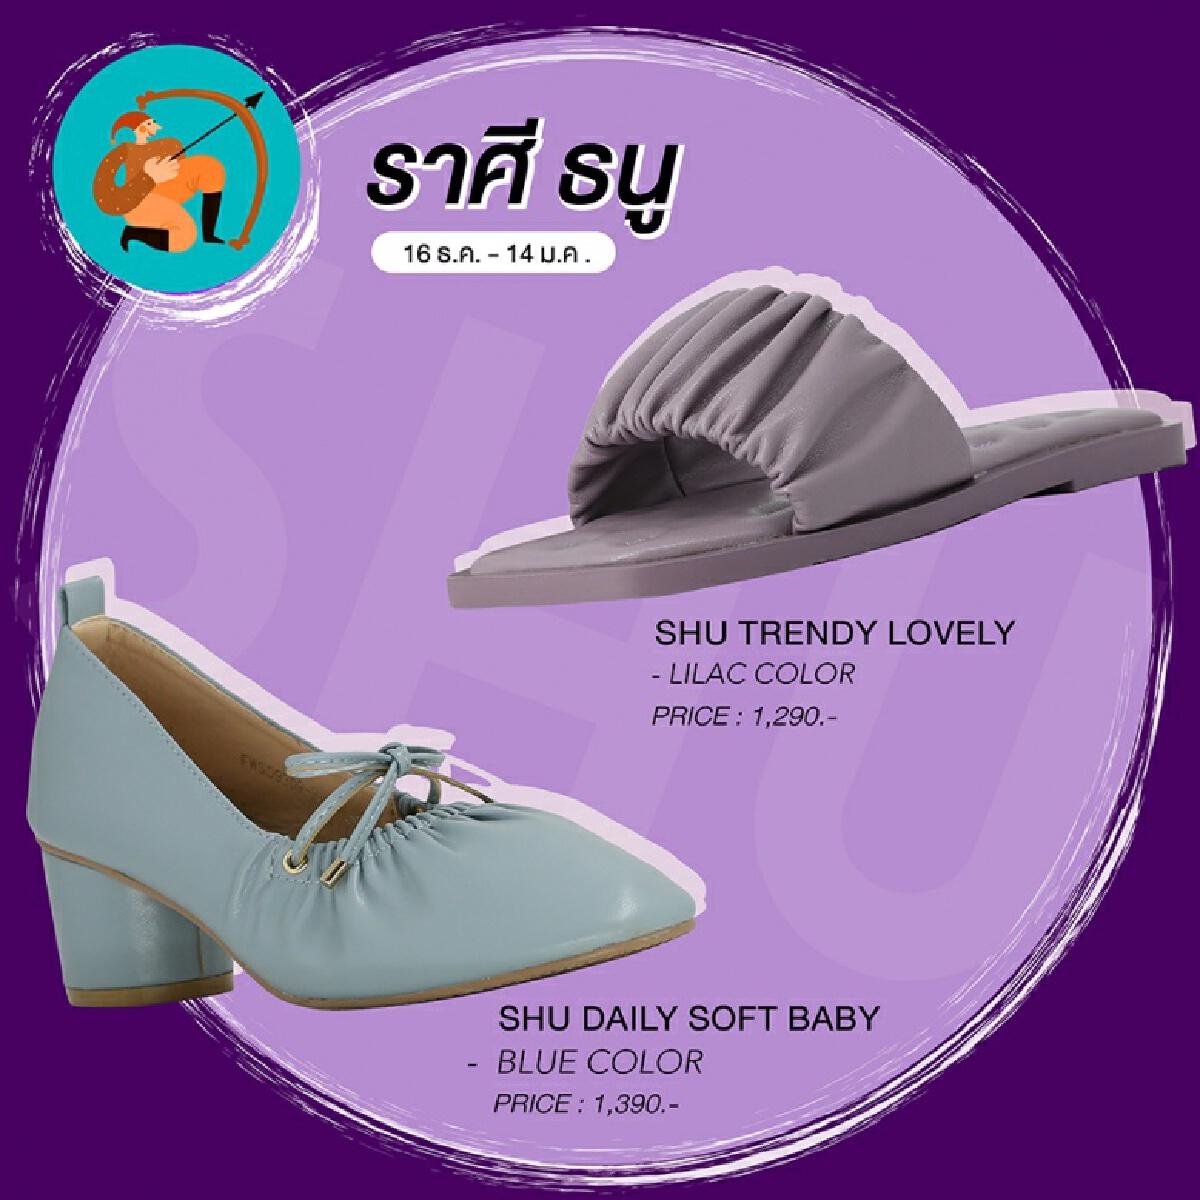 SHU เปิดโผ รองเท้าสีมงคล ใส่แล้วเลิศ รับปีฉลู 2564